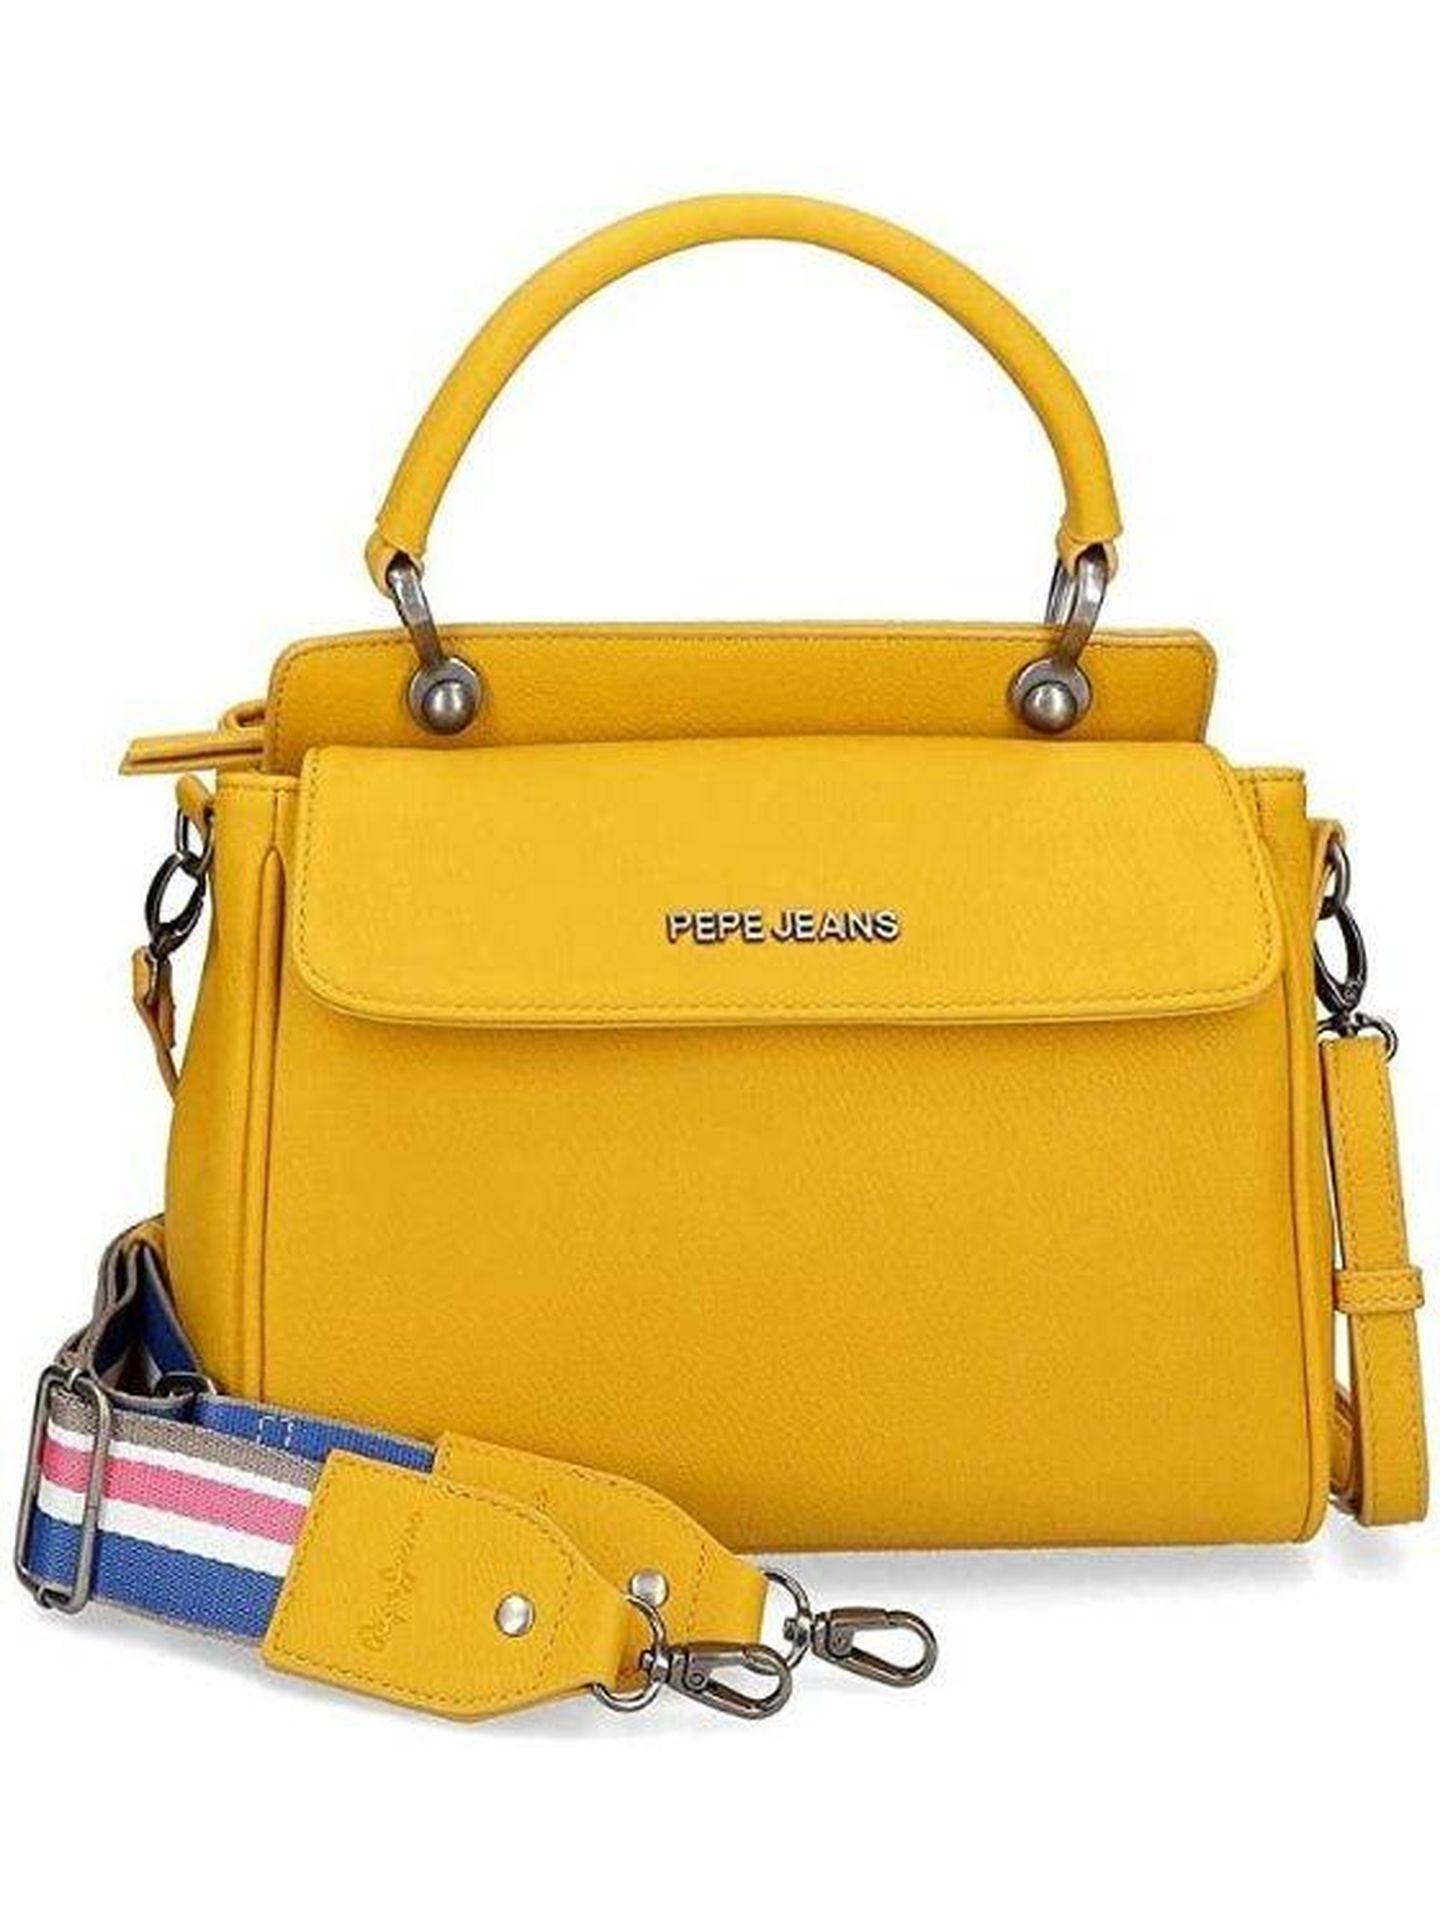 Bolso amarillo de Pepe Jeans. (Cortesía)